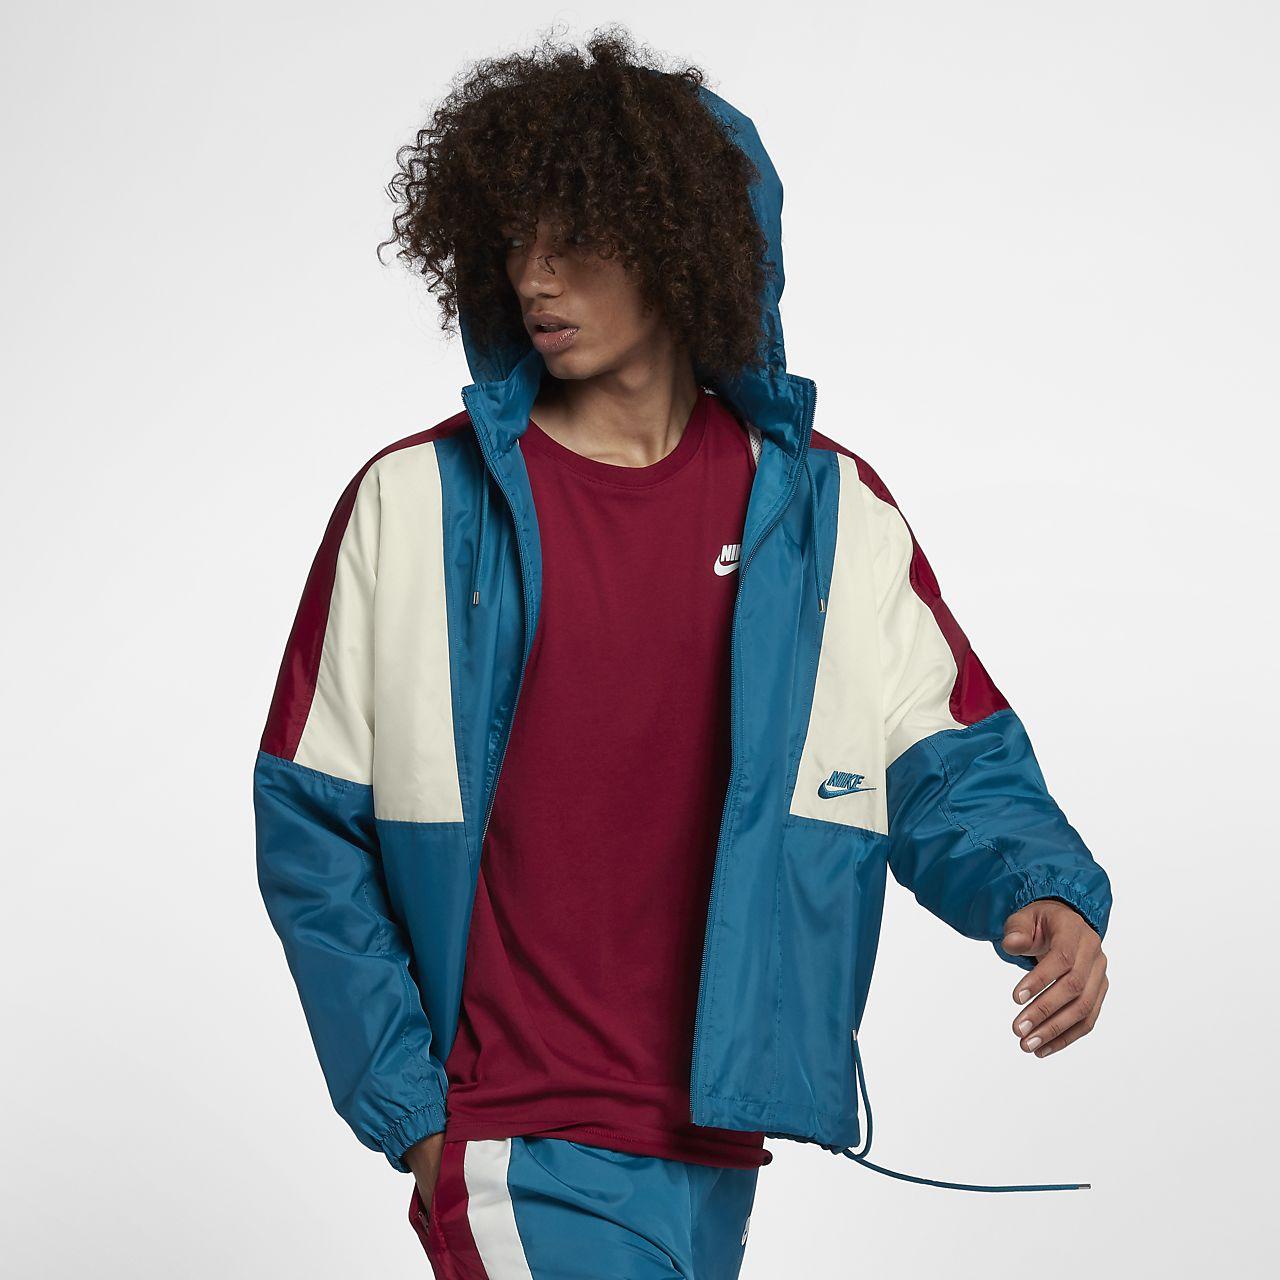 24540b46a9b73 Low Resolution Nike Sportswear Woven Jacket Nike Sportswear Woven Jacket